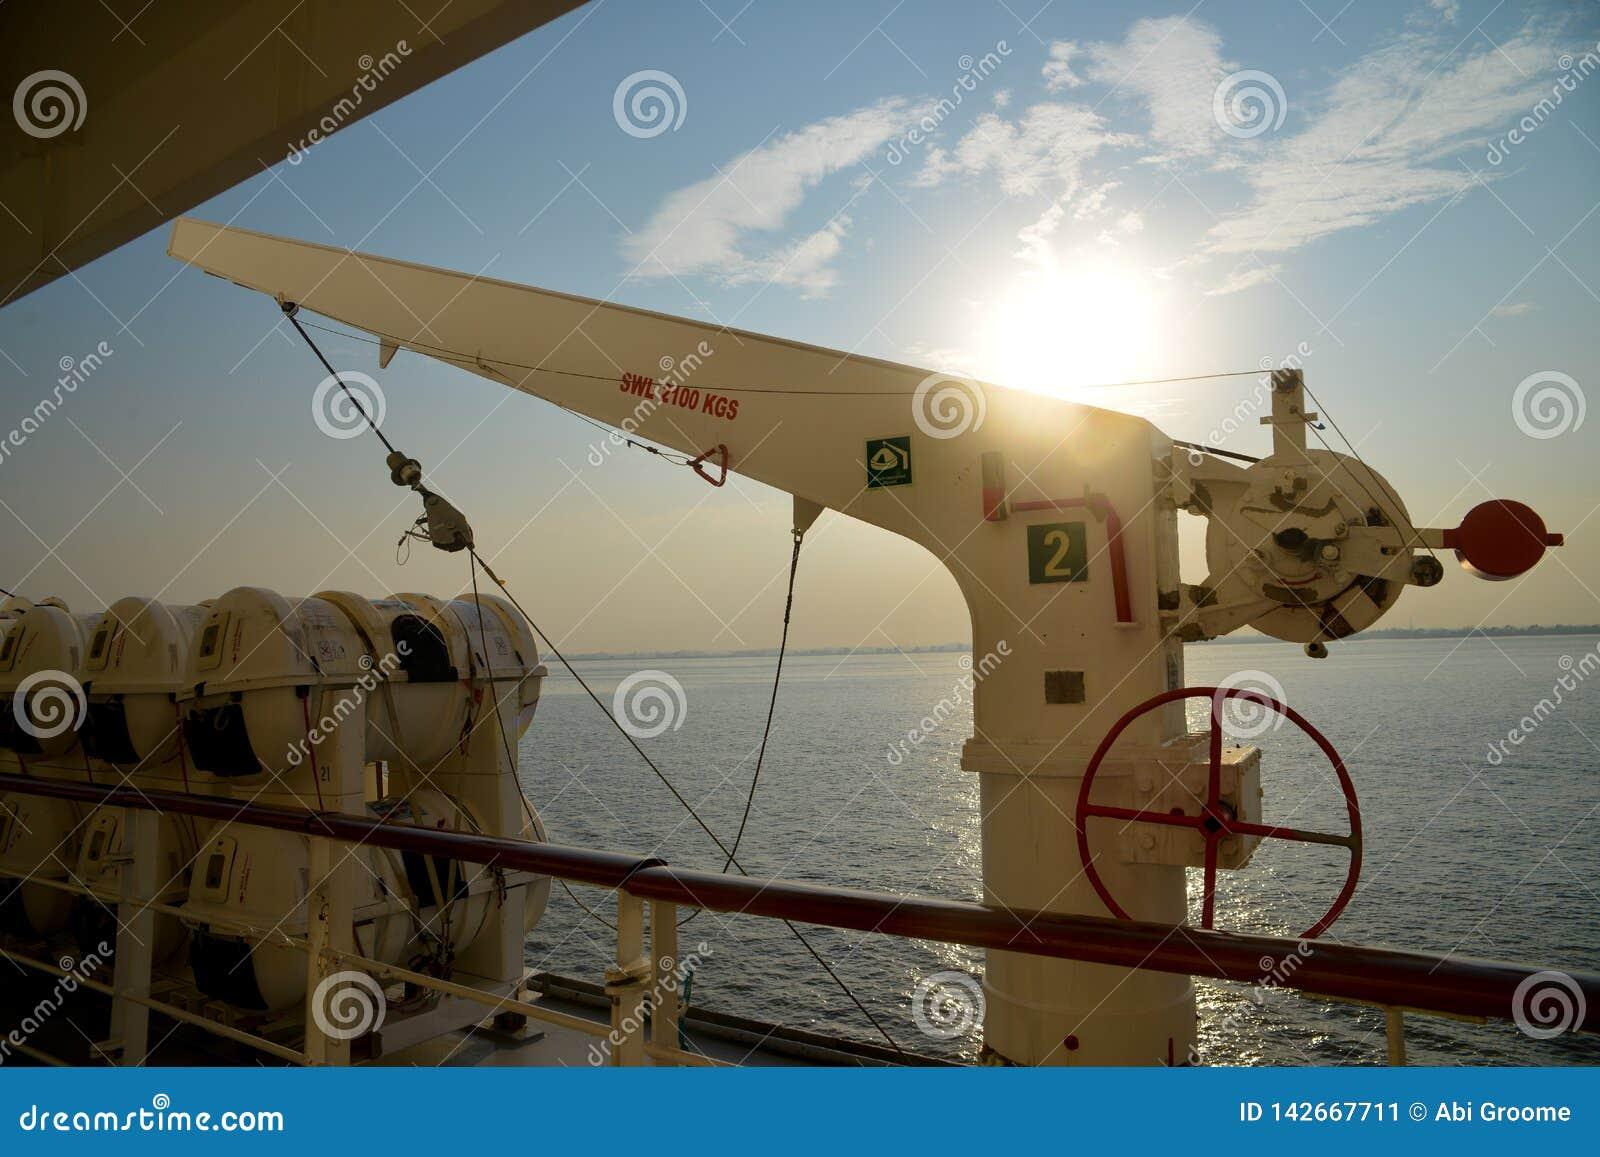 Het Kraanbalksysteem en de reddingsboten aan boord van een commercieel schip